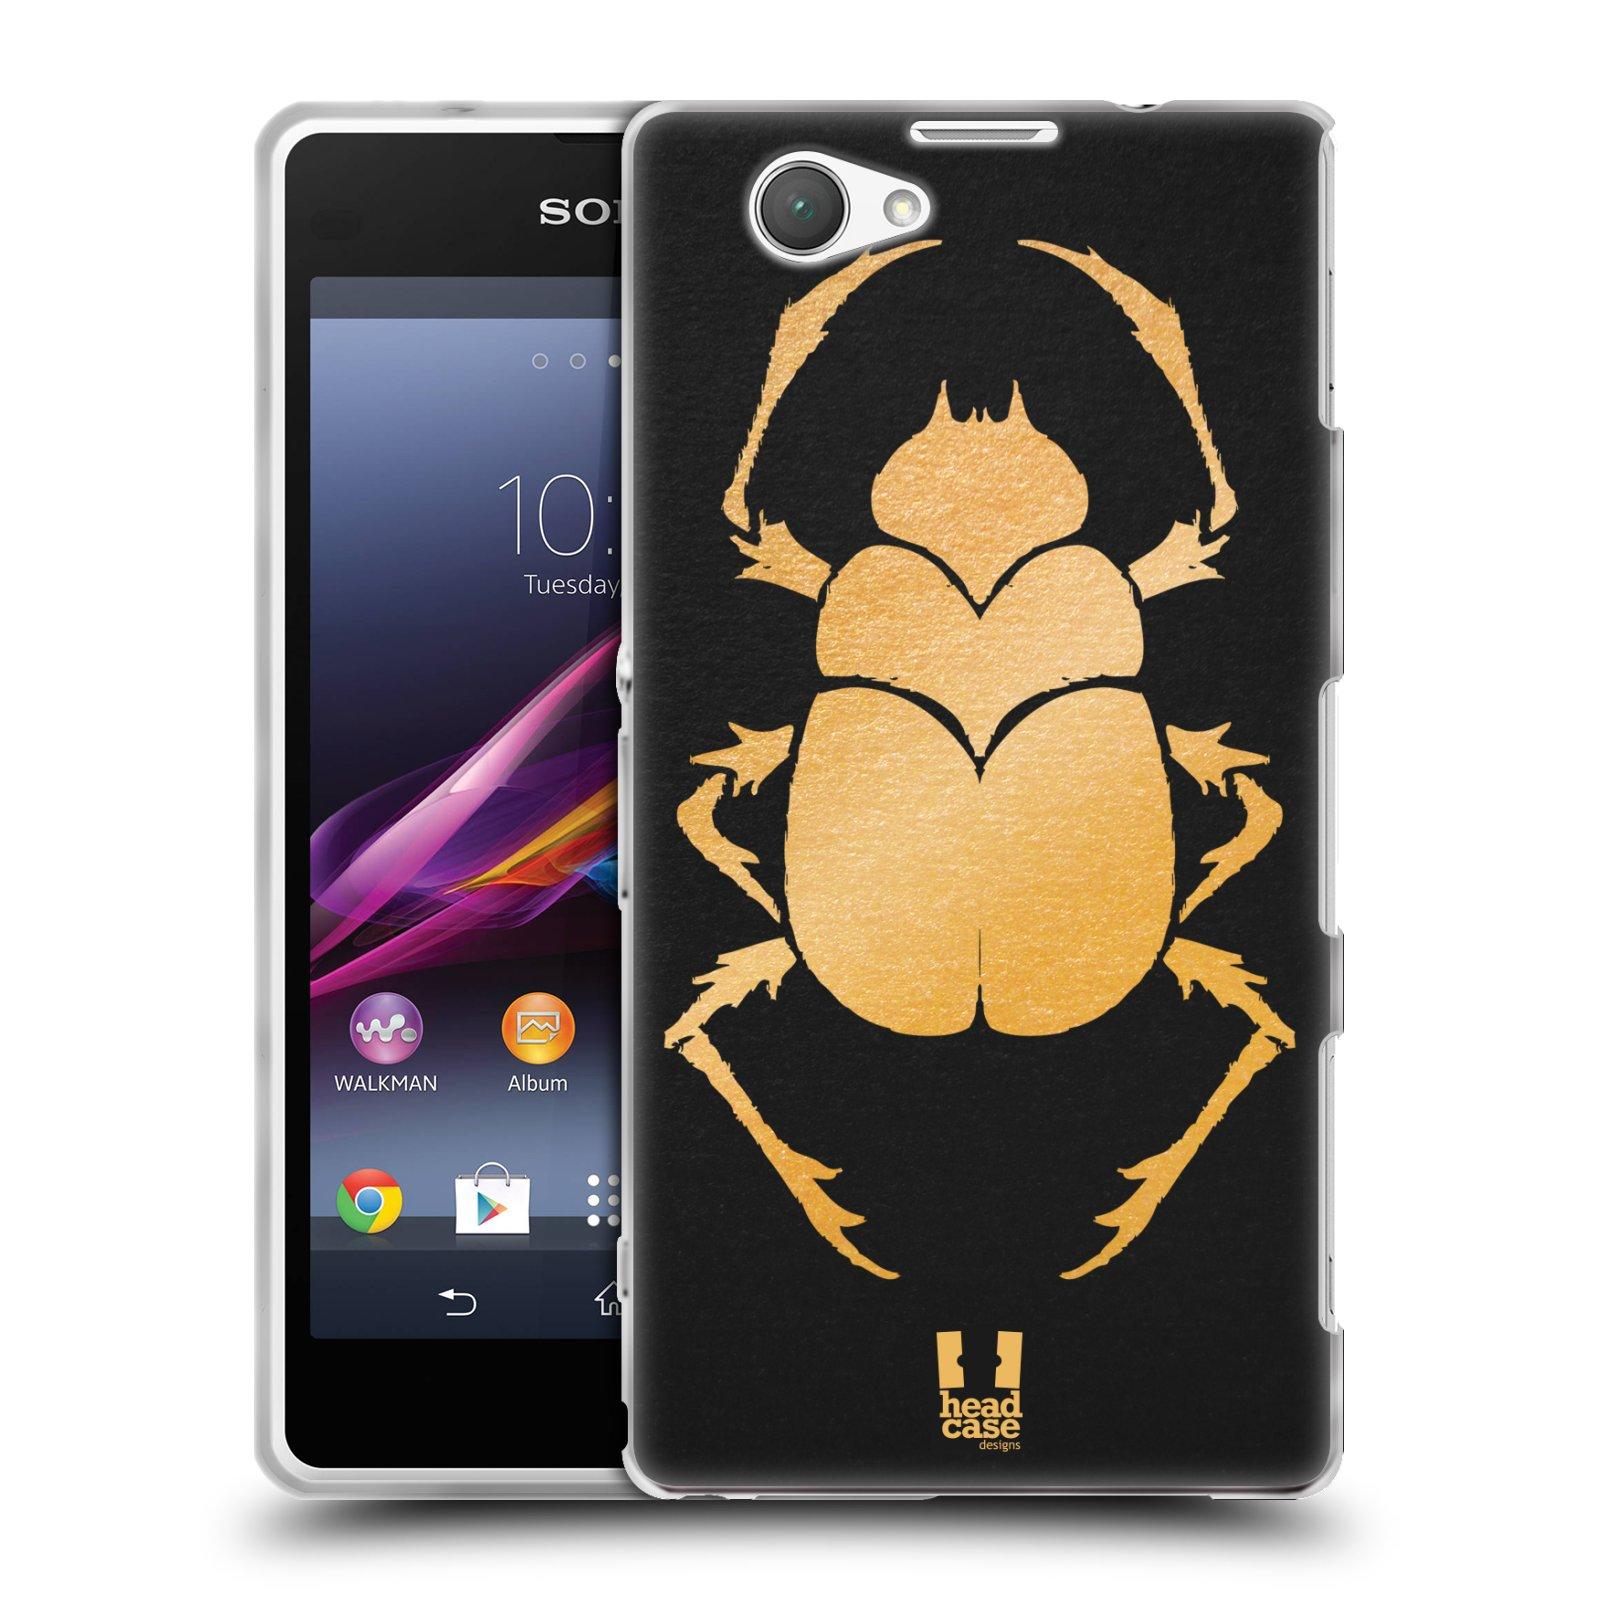 Silikonové pouzdro na mobil Sony Xperia Z1 Compact D5503 HEAD CASE EGYPT SCARABEUS (Silikonový kryt či obal na mobilní telefon Sony Xperia Z1 Compact)